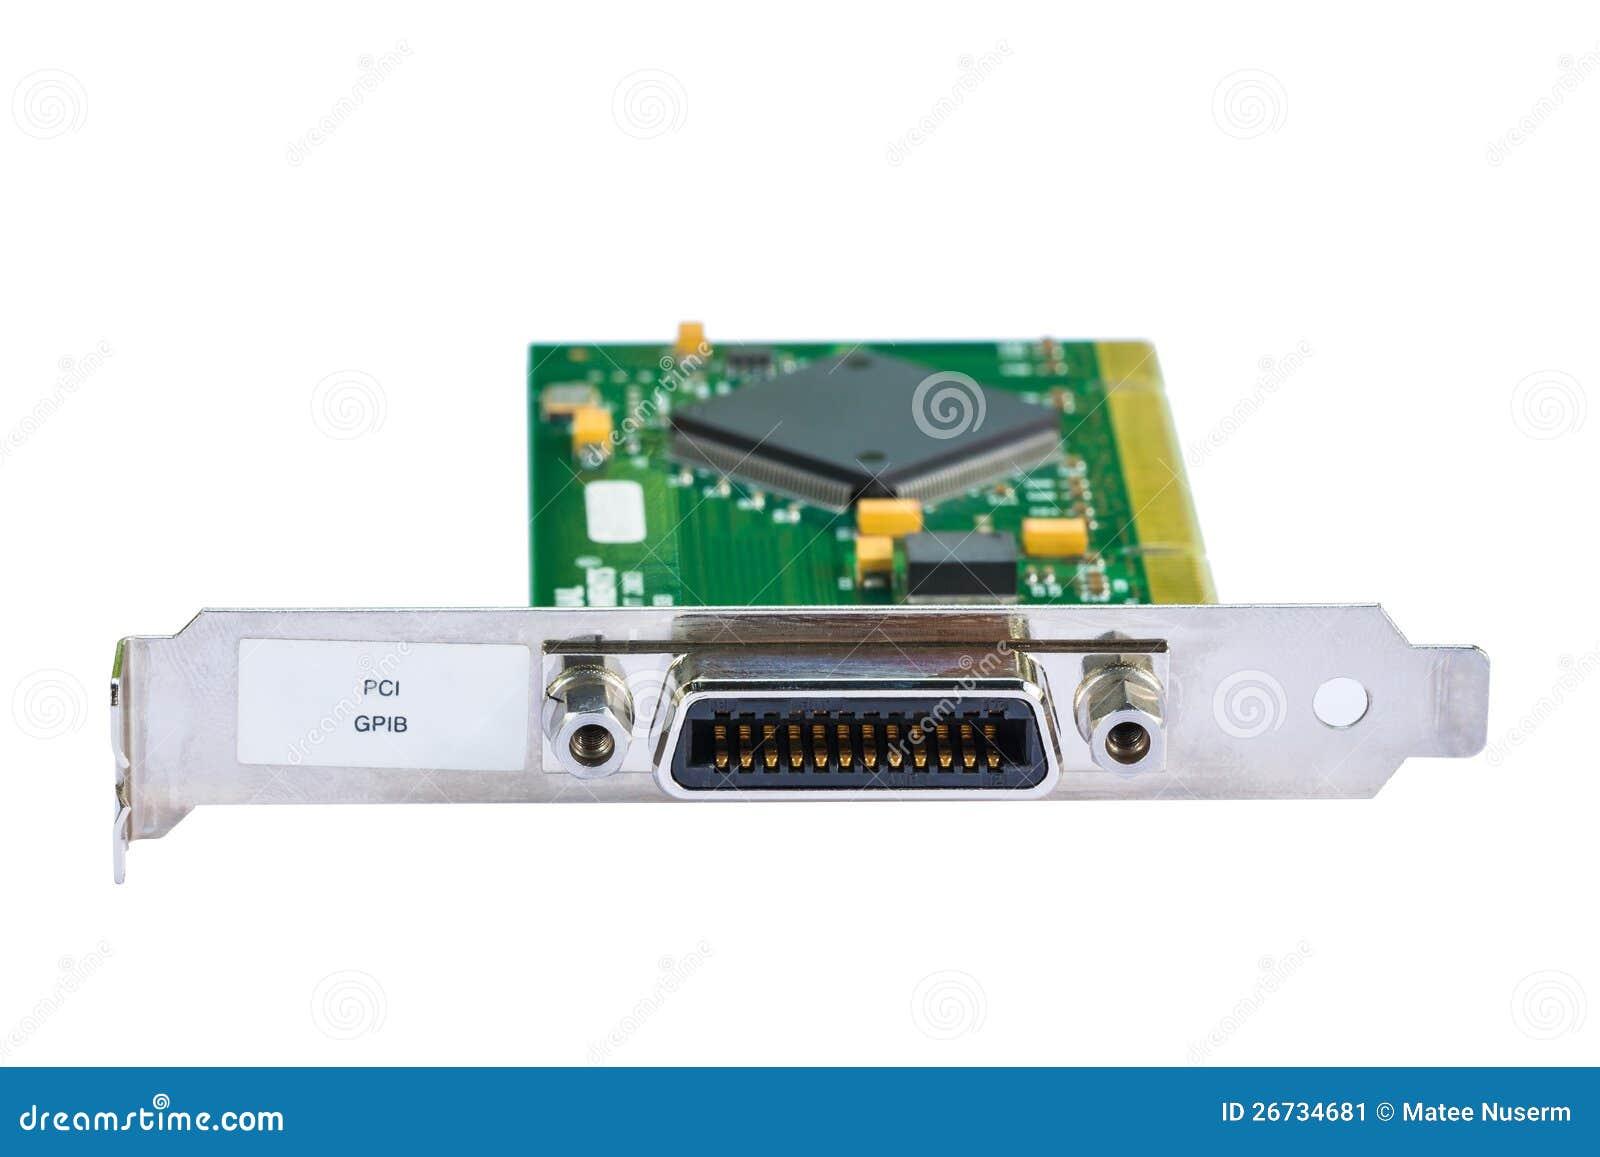 Electronic card (PCI card)